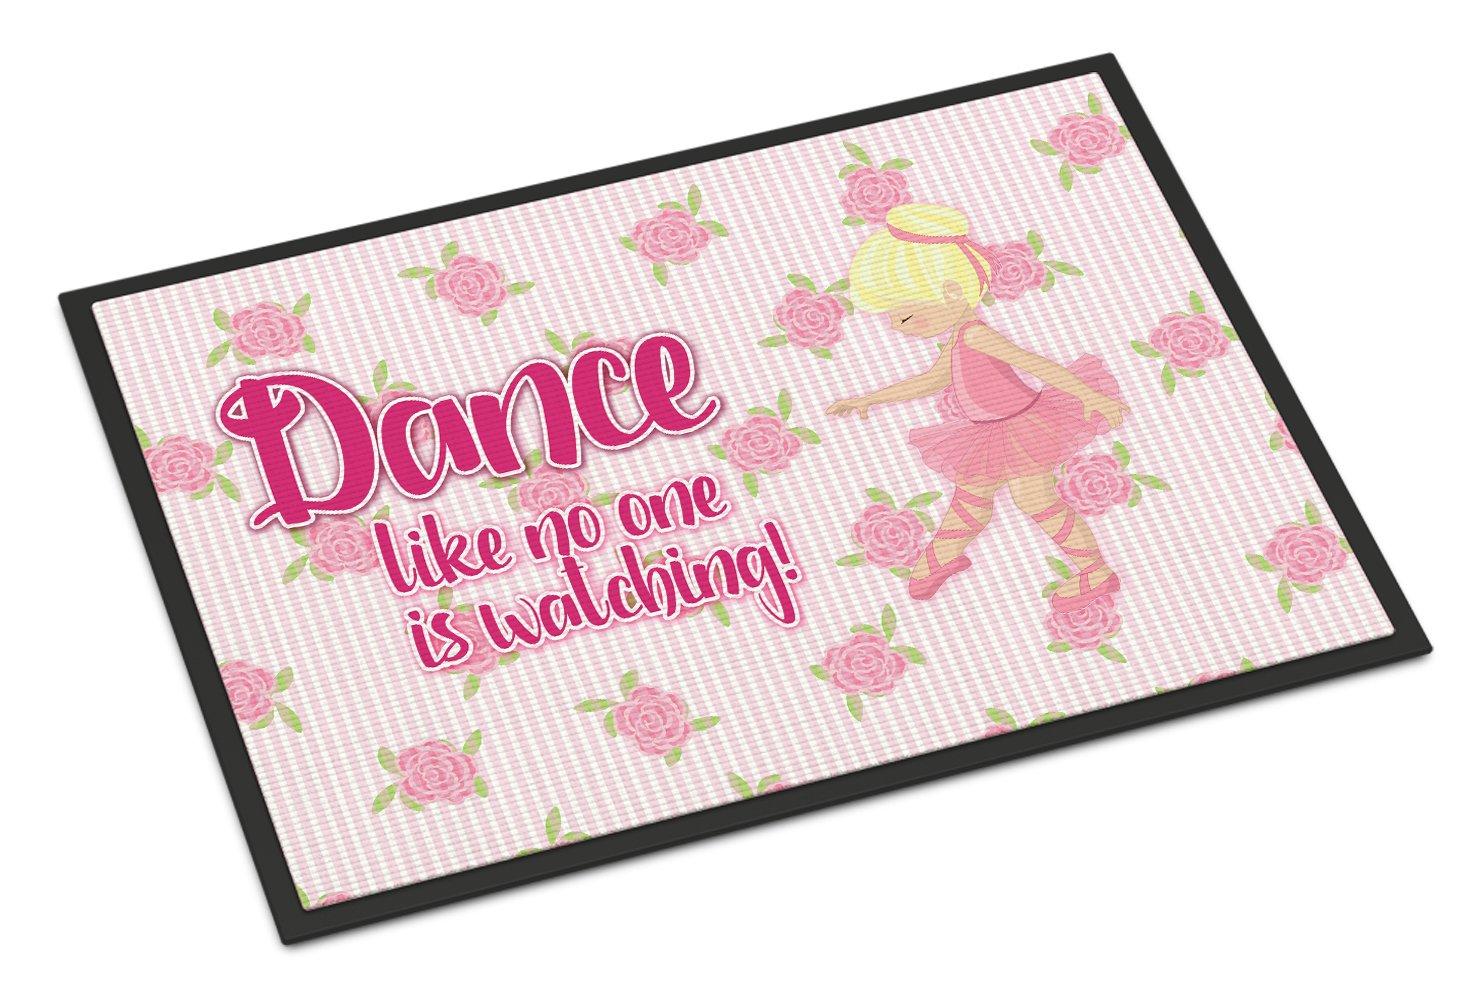 Carolines Treasures Ballet in 8 Counts Brunette Doormat 18 H x 27 W Multicolor